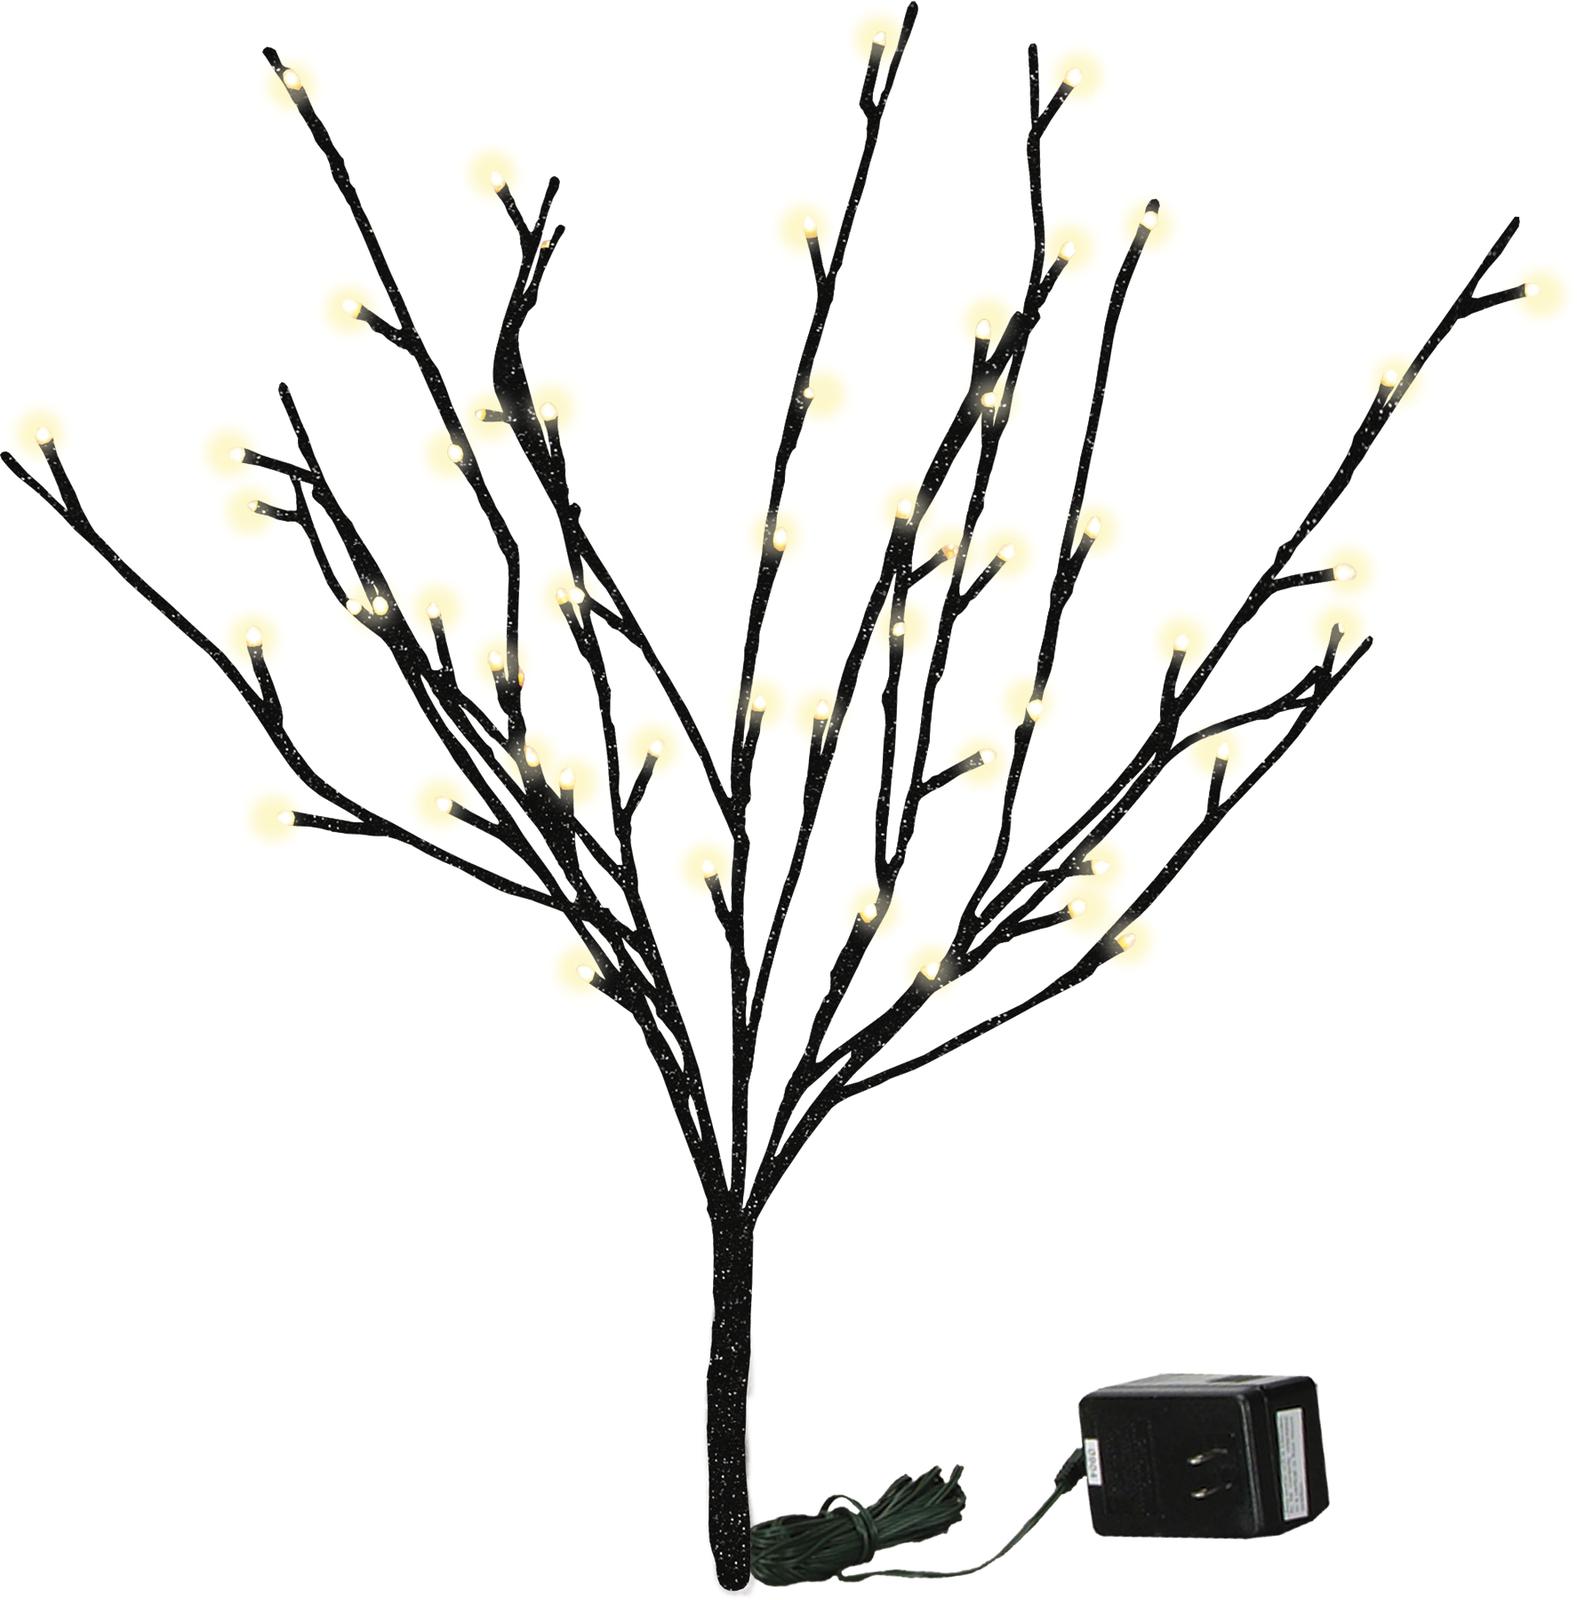 PBK Floral Decor Stem - Lighted Twig Branch Black Glitter - $27.95